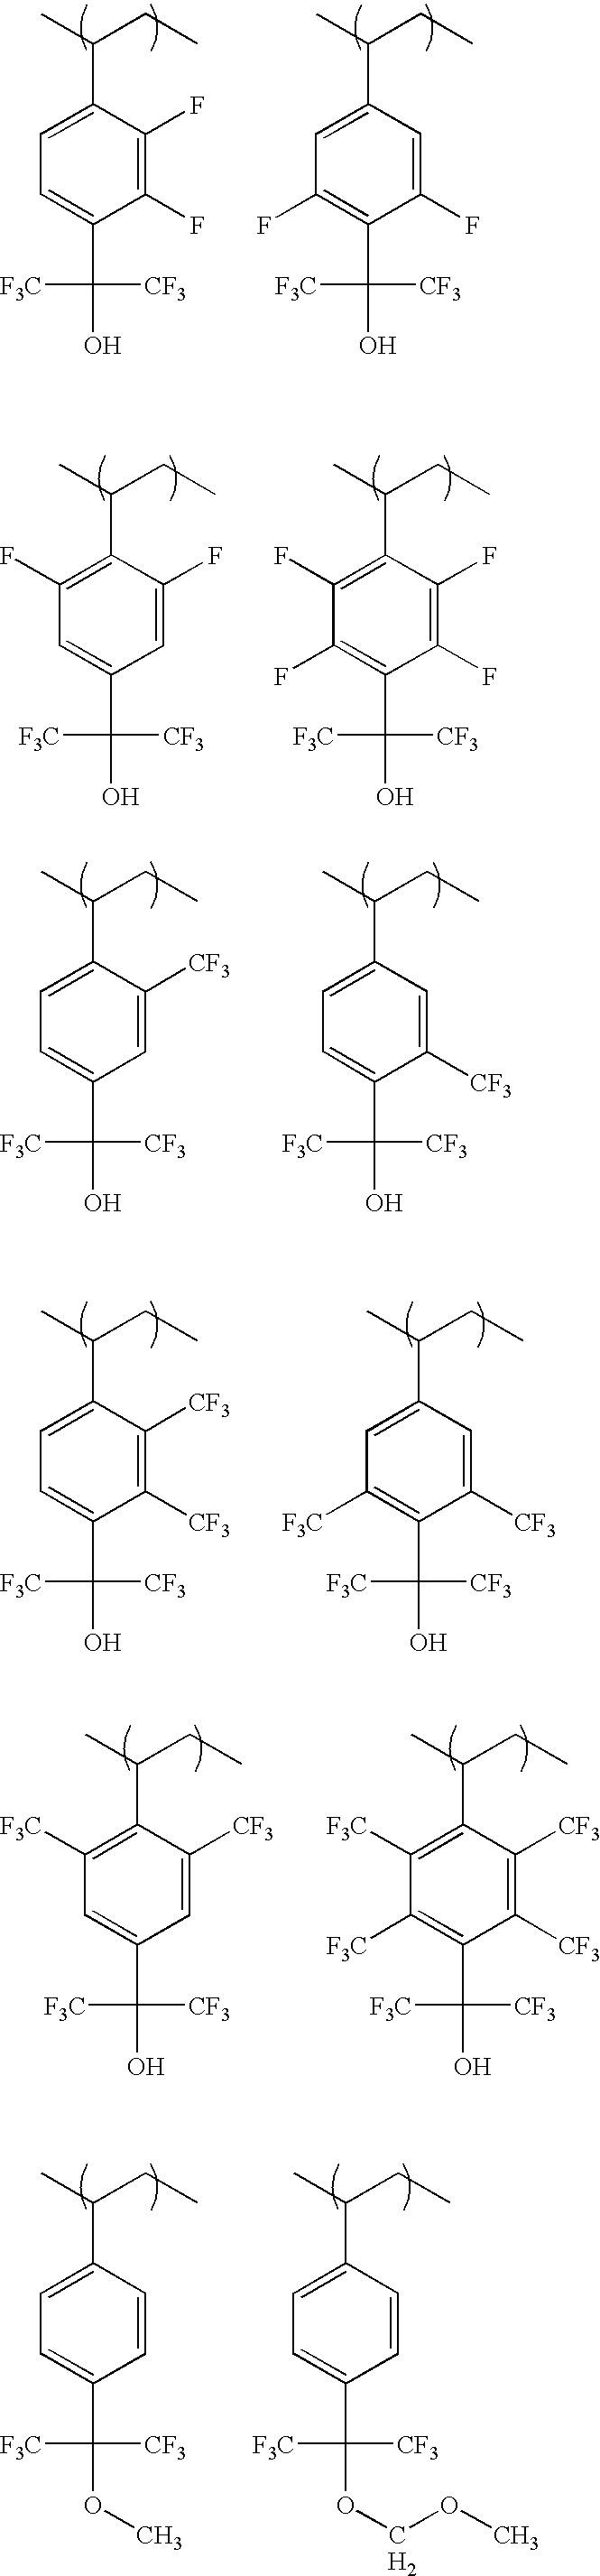 Figure US06864037-20050308-C00027